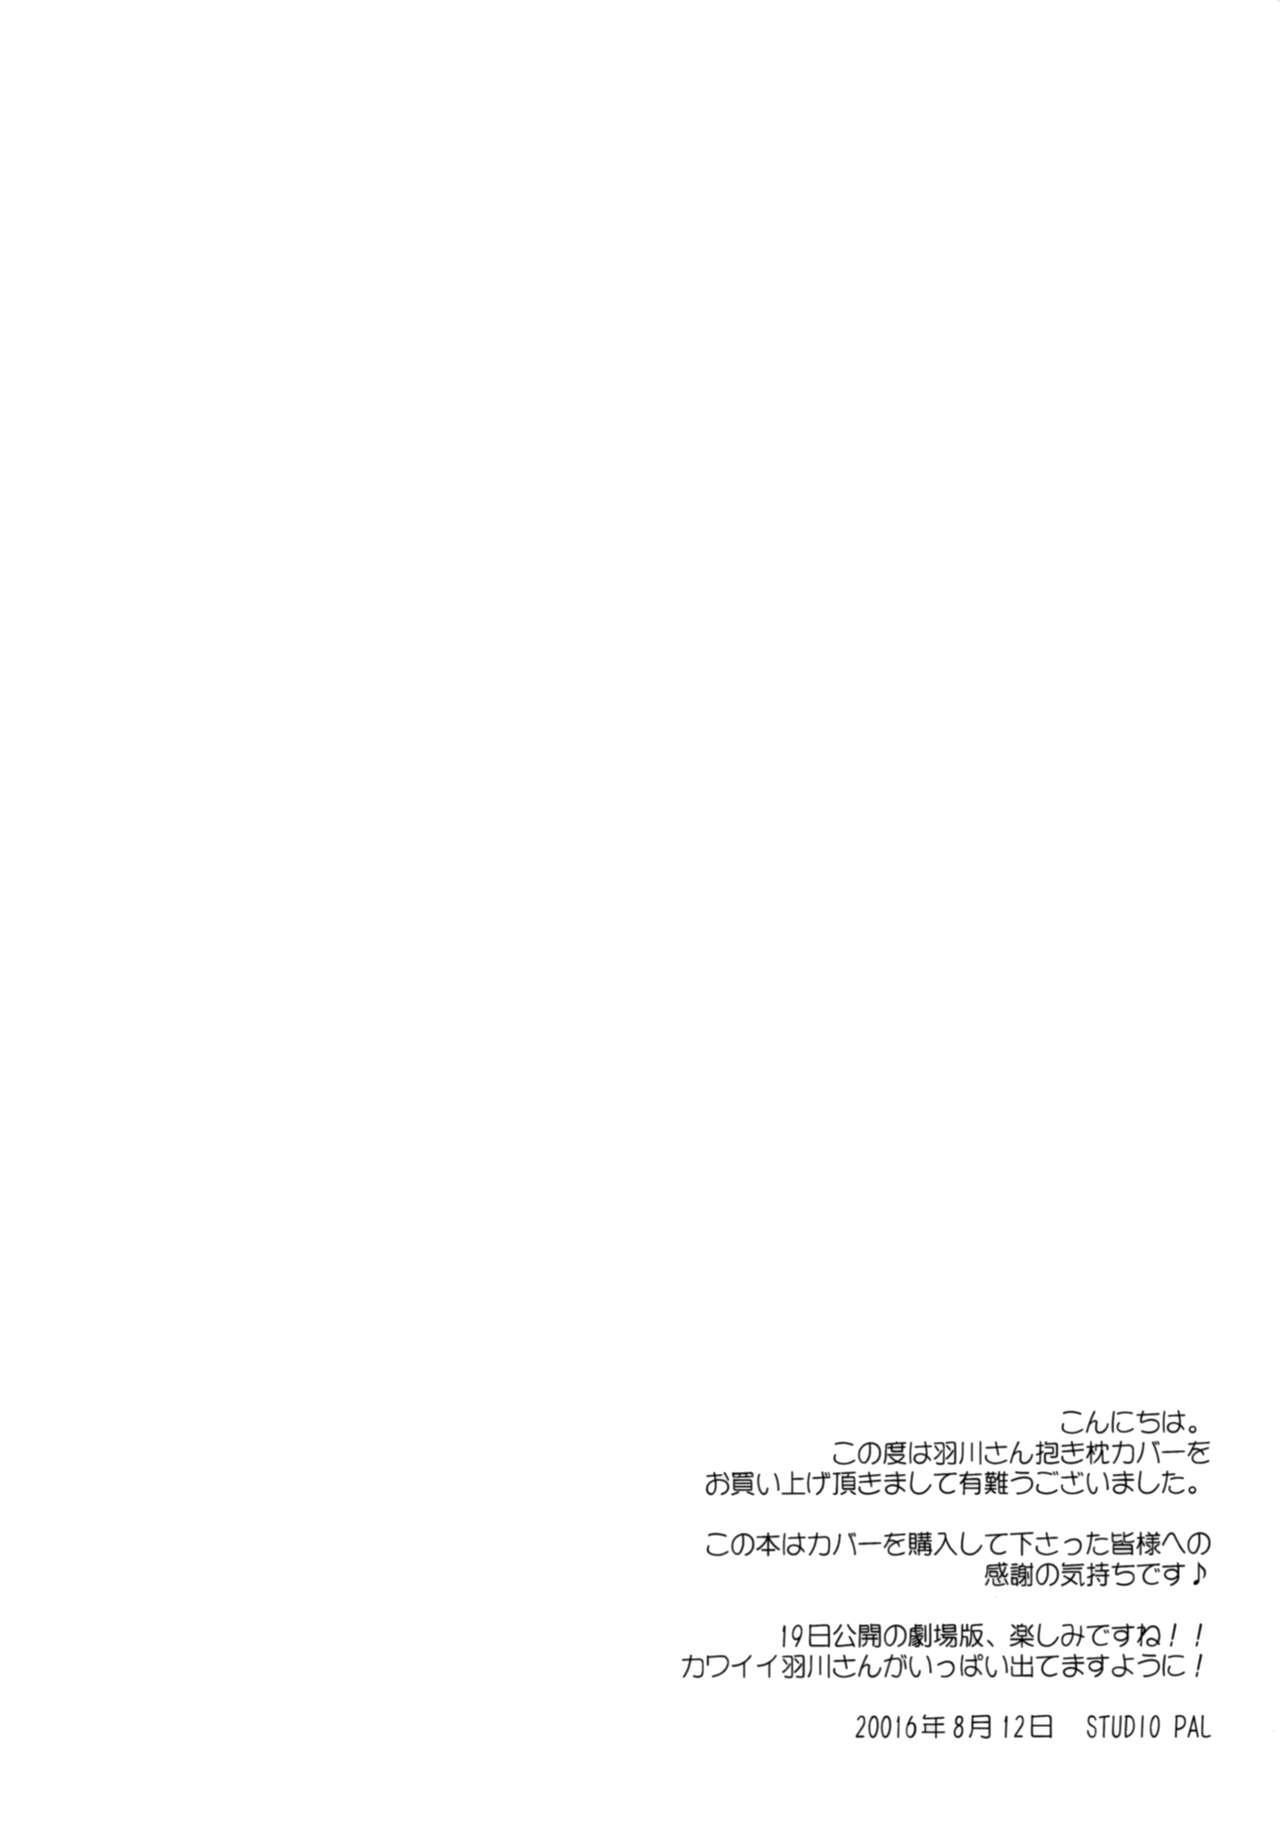 Hanekawa-san no Omake no Hon 1